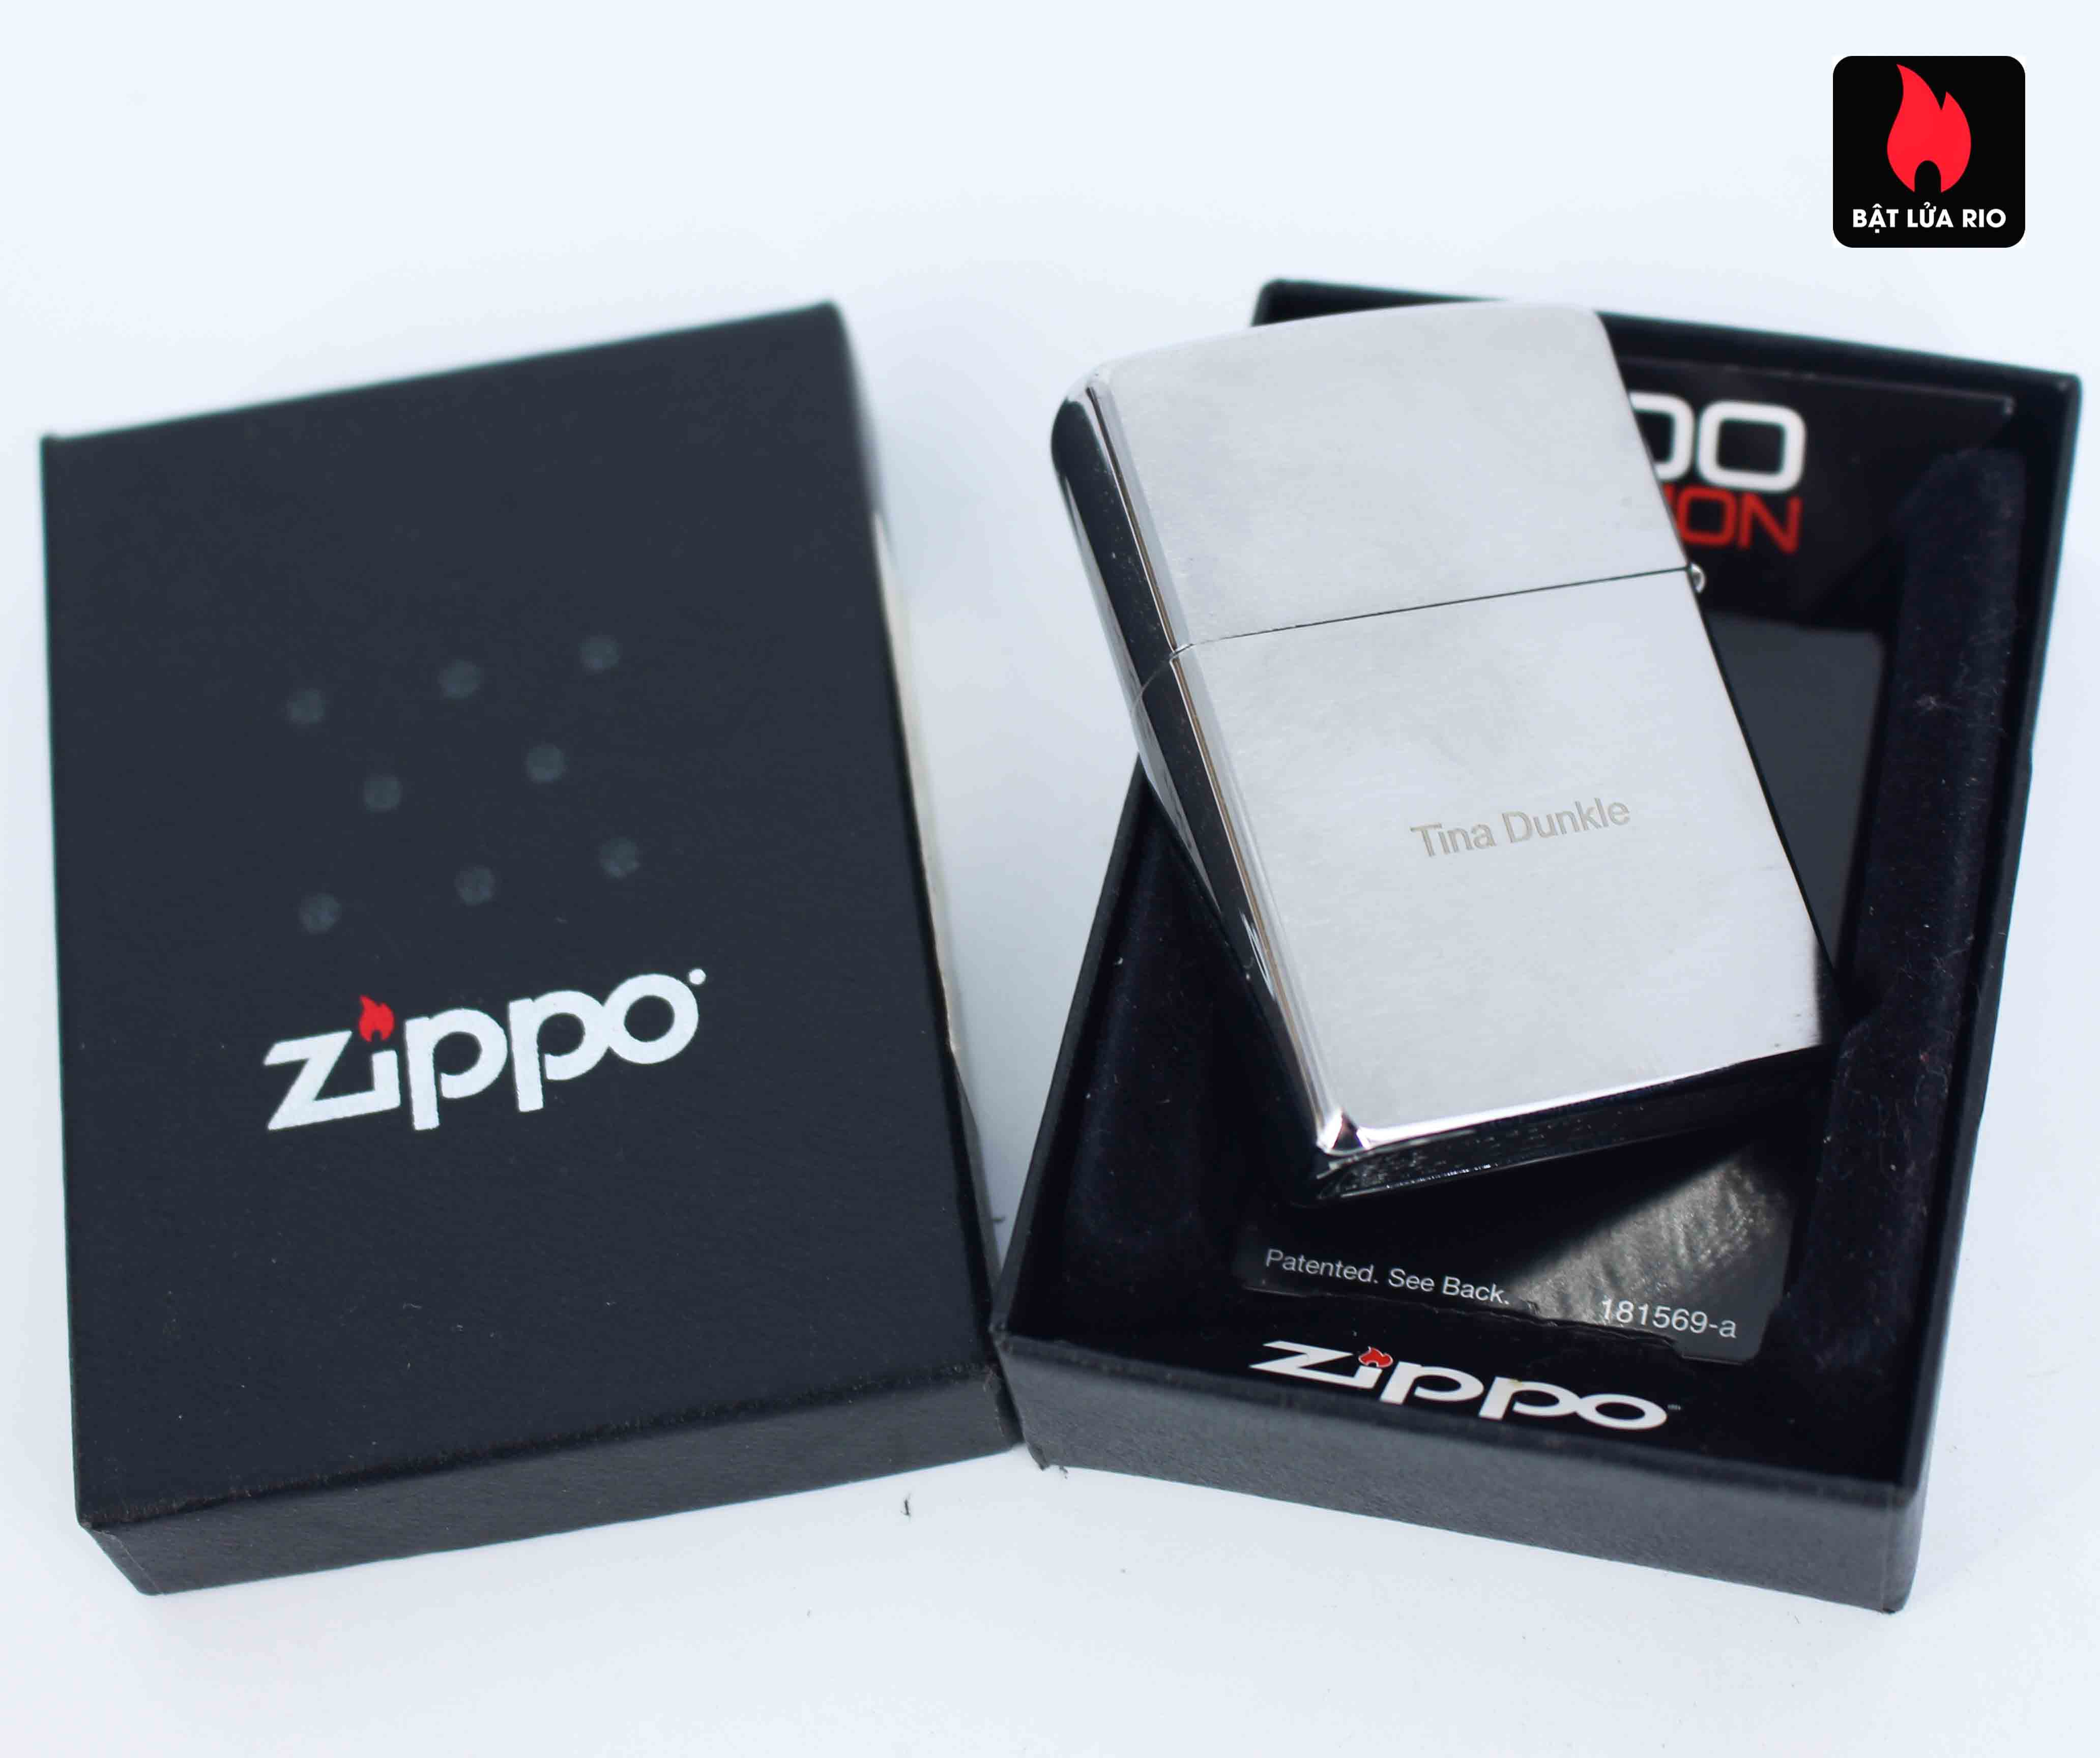 Zippo 2012 - 500 Million - Employee - Tina Dunkle 4